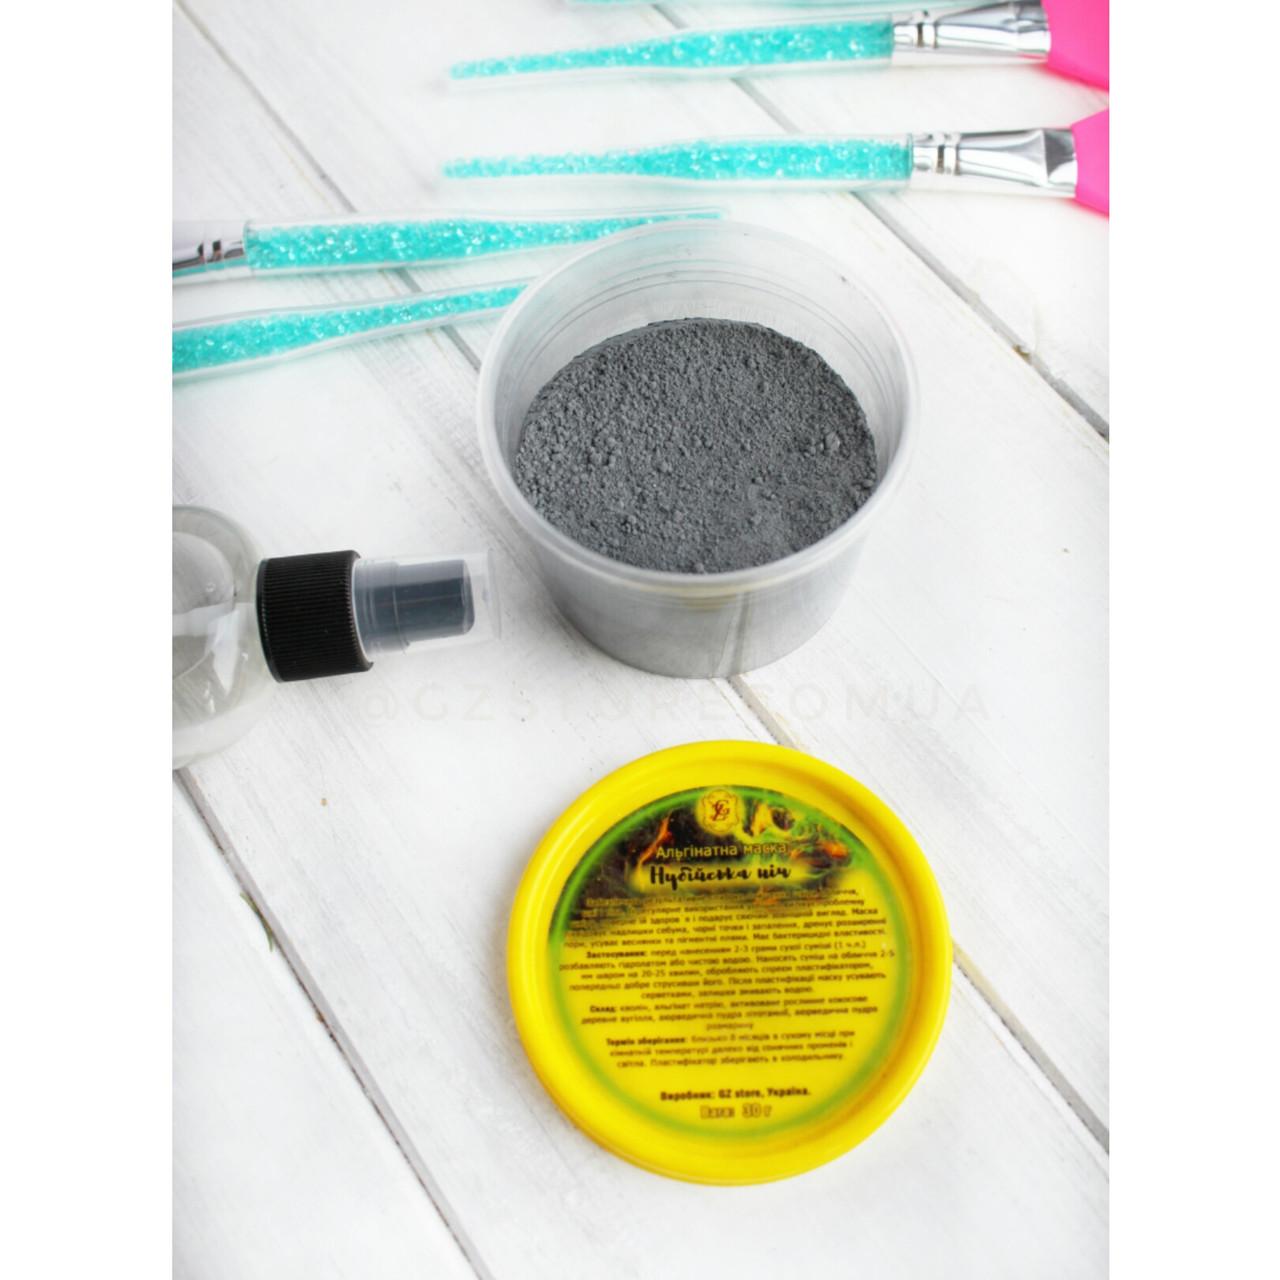 Детокс-маска Альгинатная Нубийская ночь 30г - от черных точек и прыщей, сужает поры